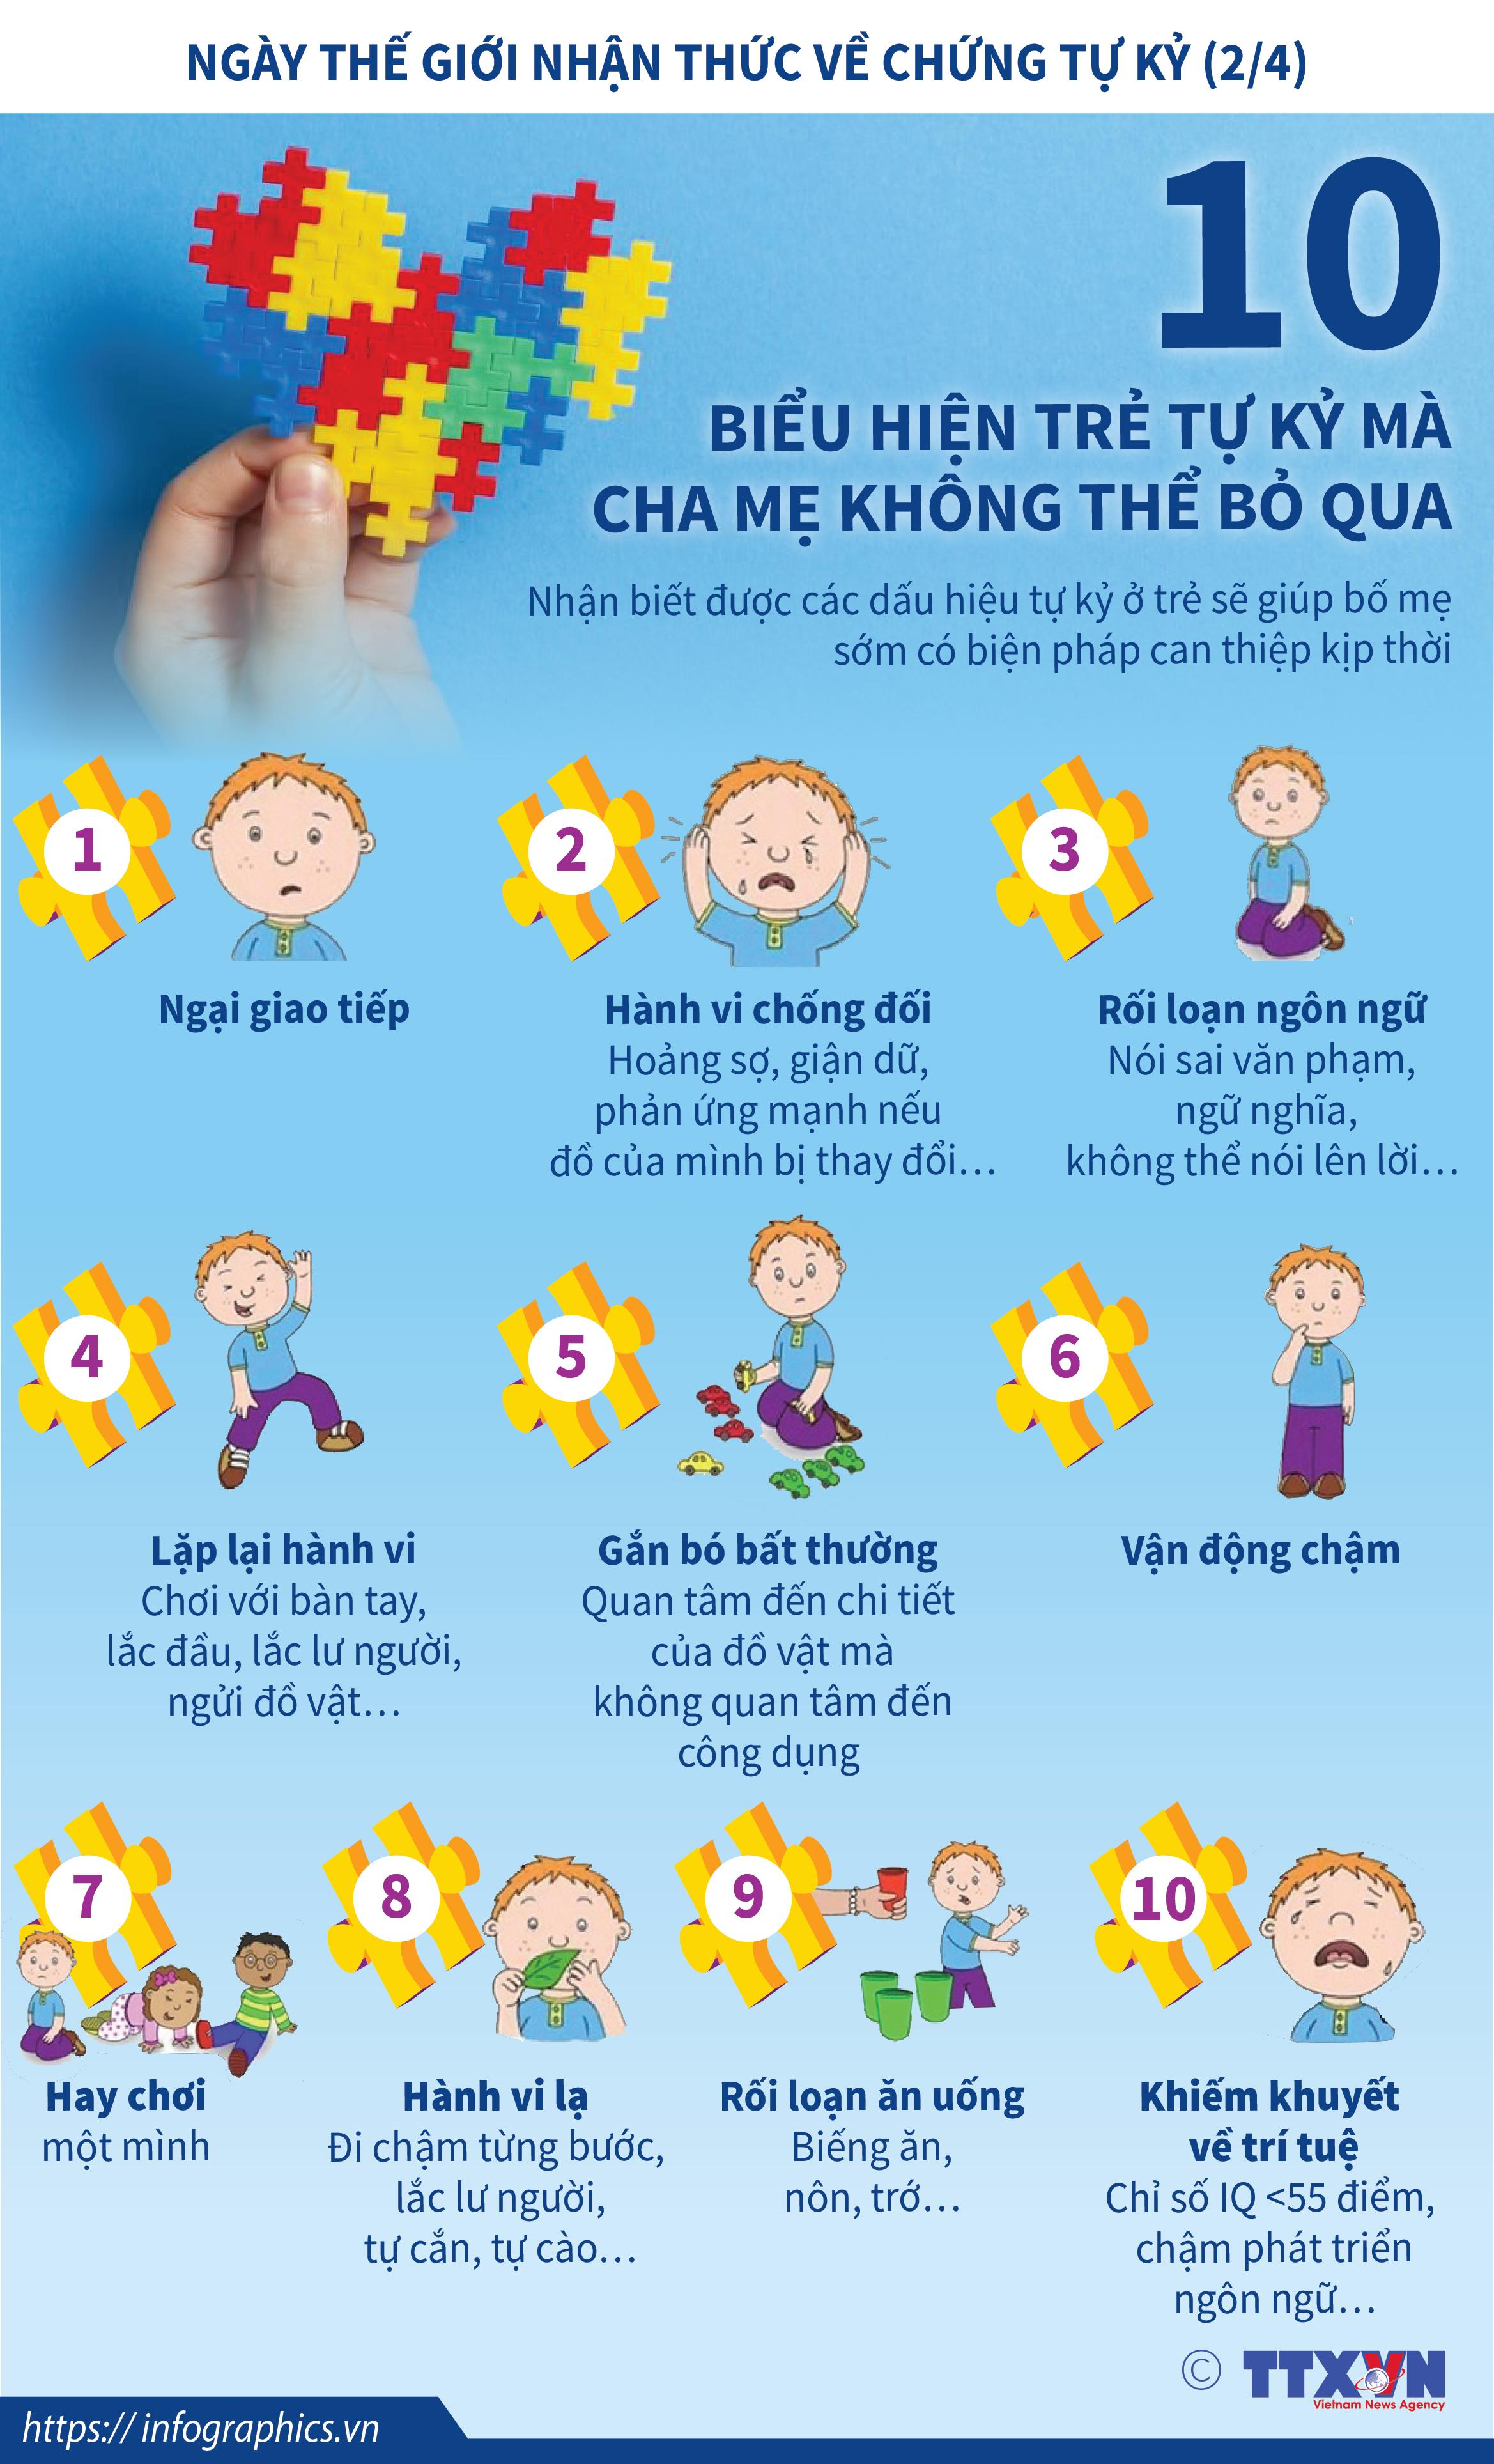 10 biểu hiện trẻ tự kỷ mà cha mẹ không thể bỏ qua - Ảnh 1